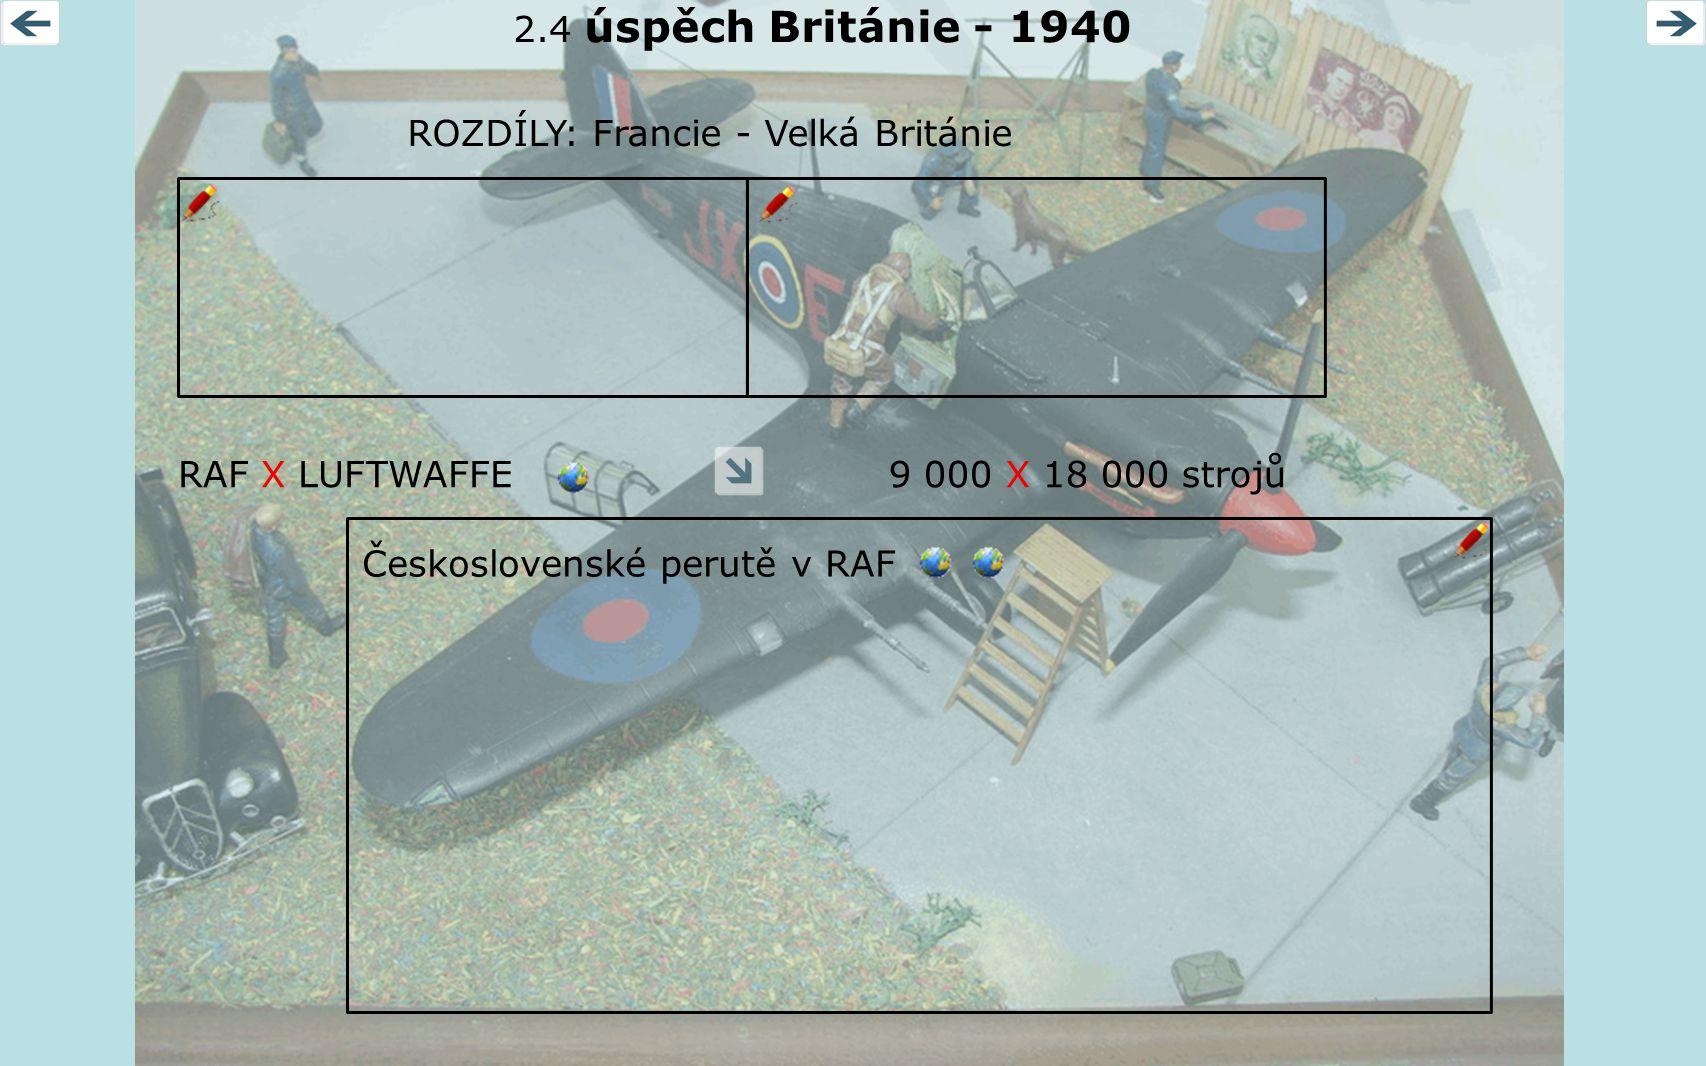 2.4 úspěch Británie - 1940 ROZDÍLY: Francie - Velká Británie. RAF X LUFTWAFFE. 9 000 X 18 000 strojů.